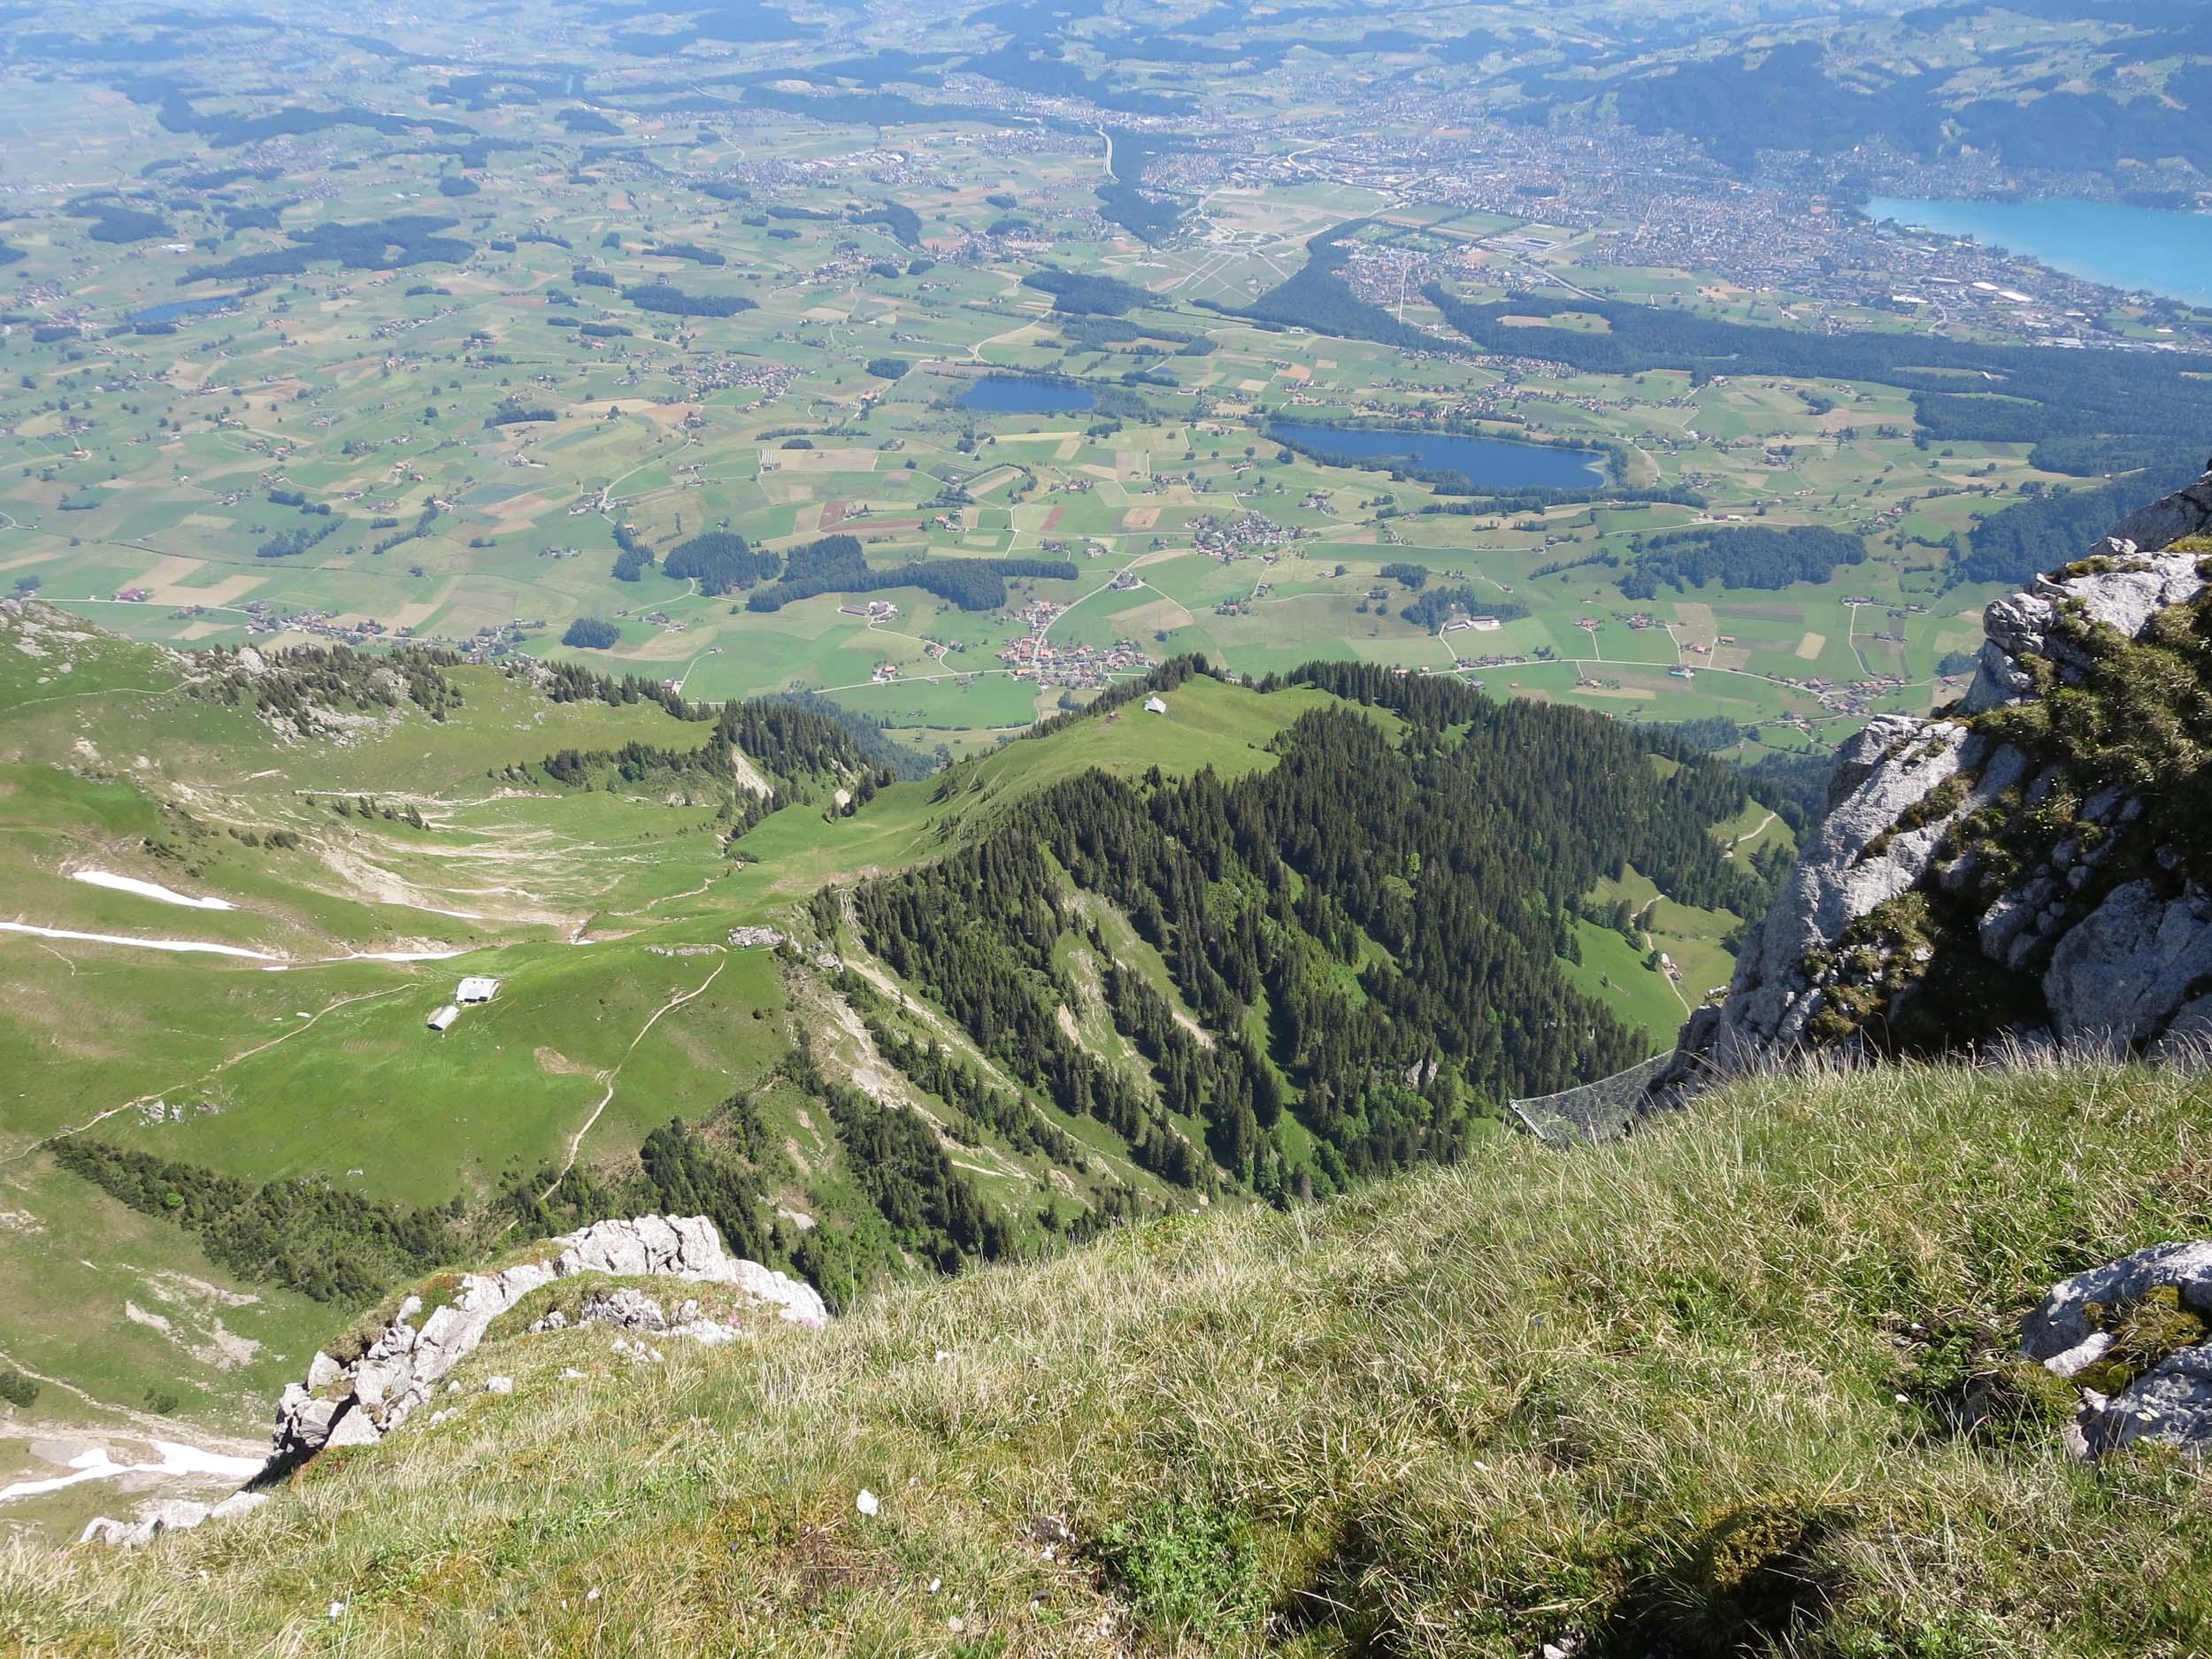 2016-06-23 11-26-27 stockhorn_052.jpg